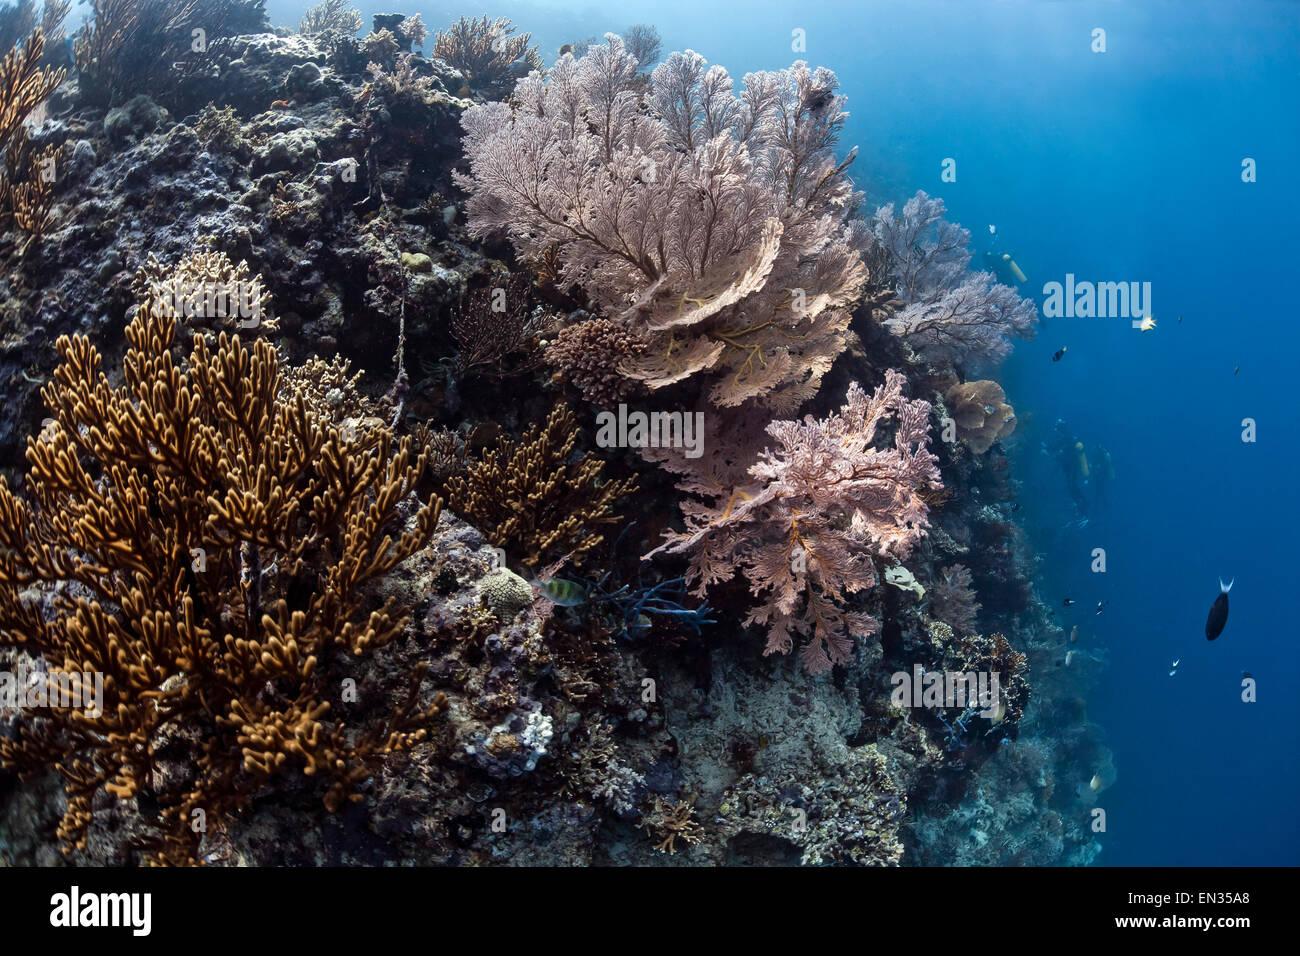 Gorgonian Coral (Annella reticulata), Menjangan, Bali, Indonesia - Stock Image